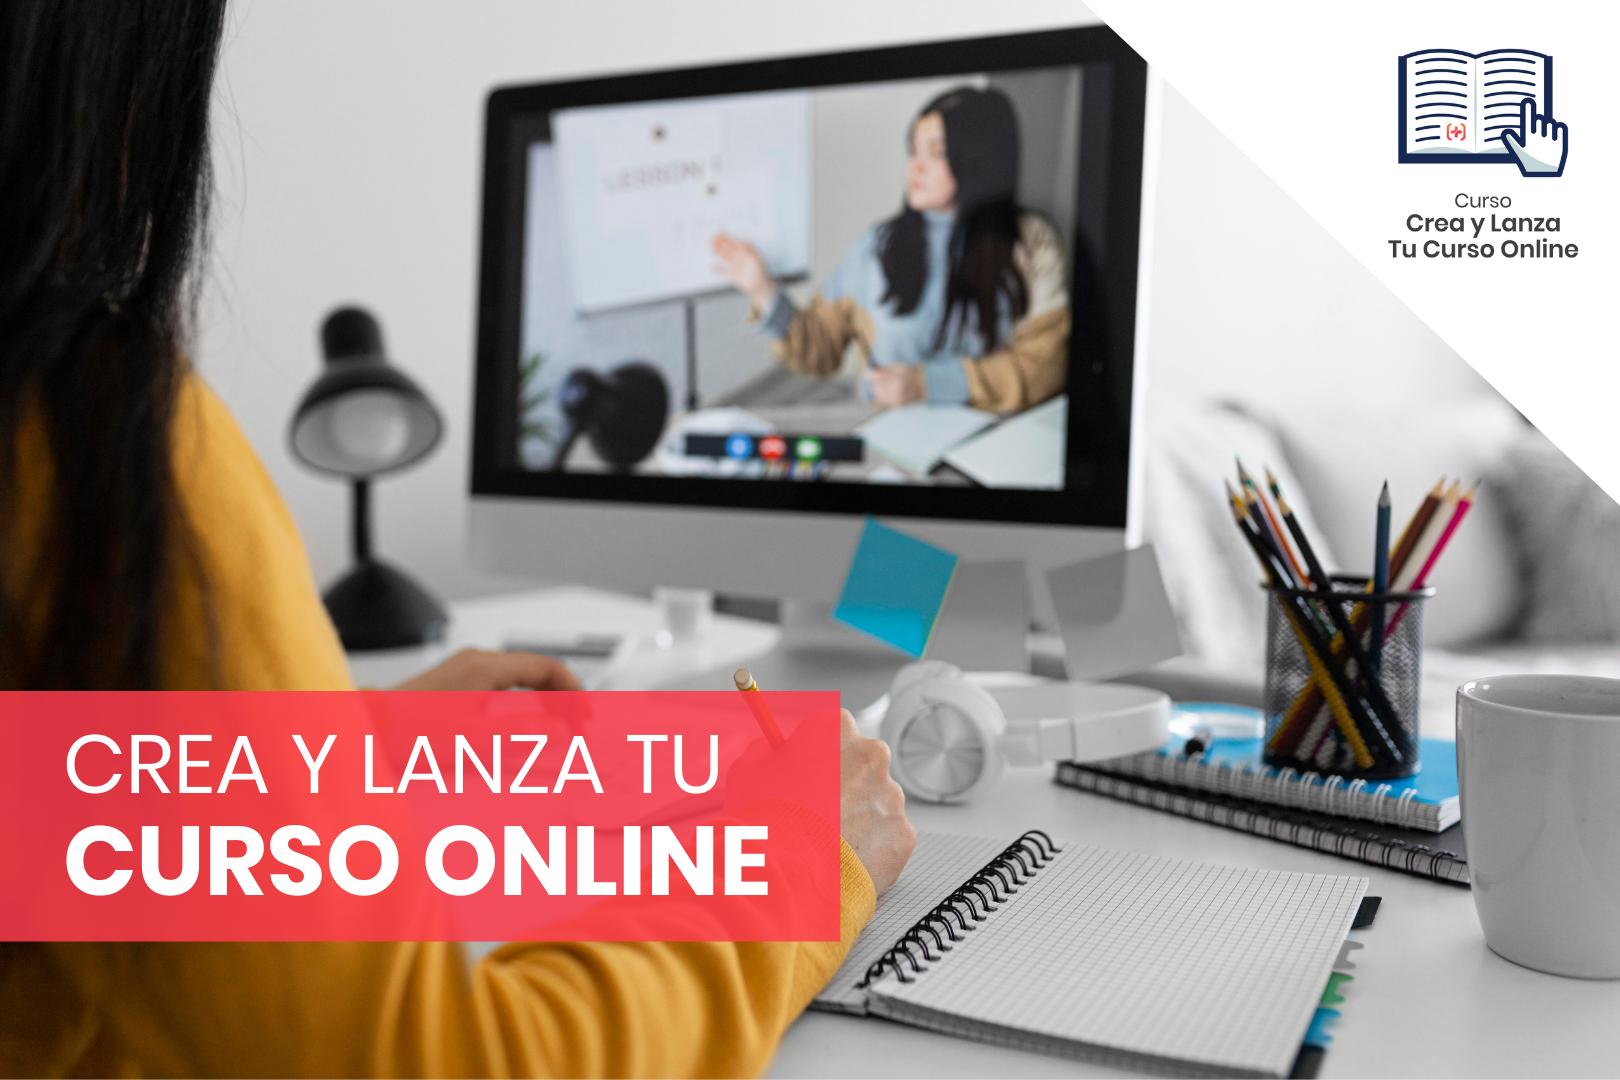 [NUEVA VERSIÓN] Crea y lanza tu curso online